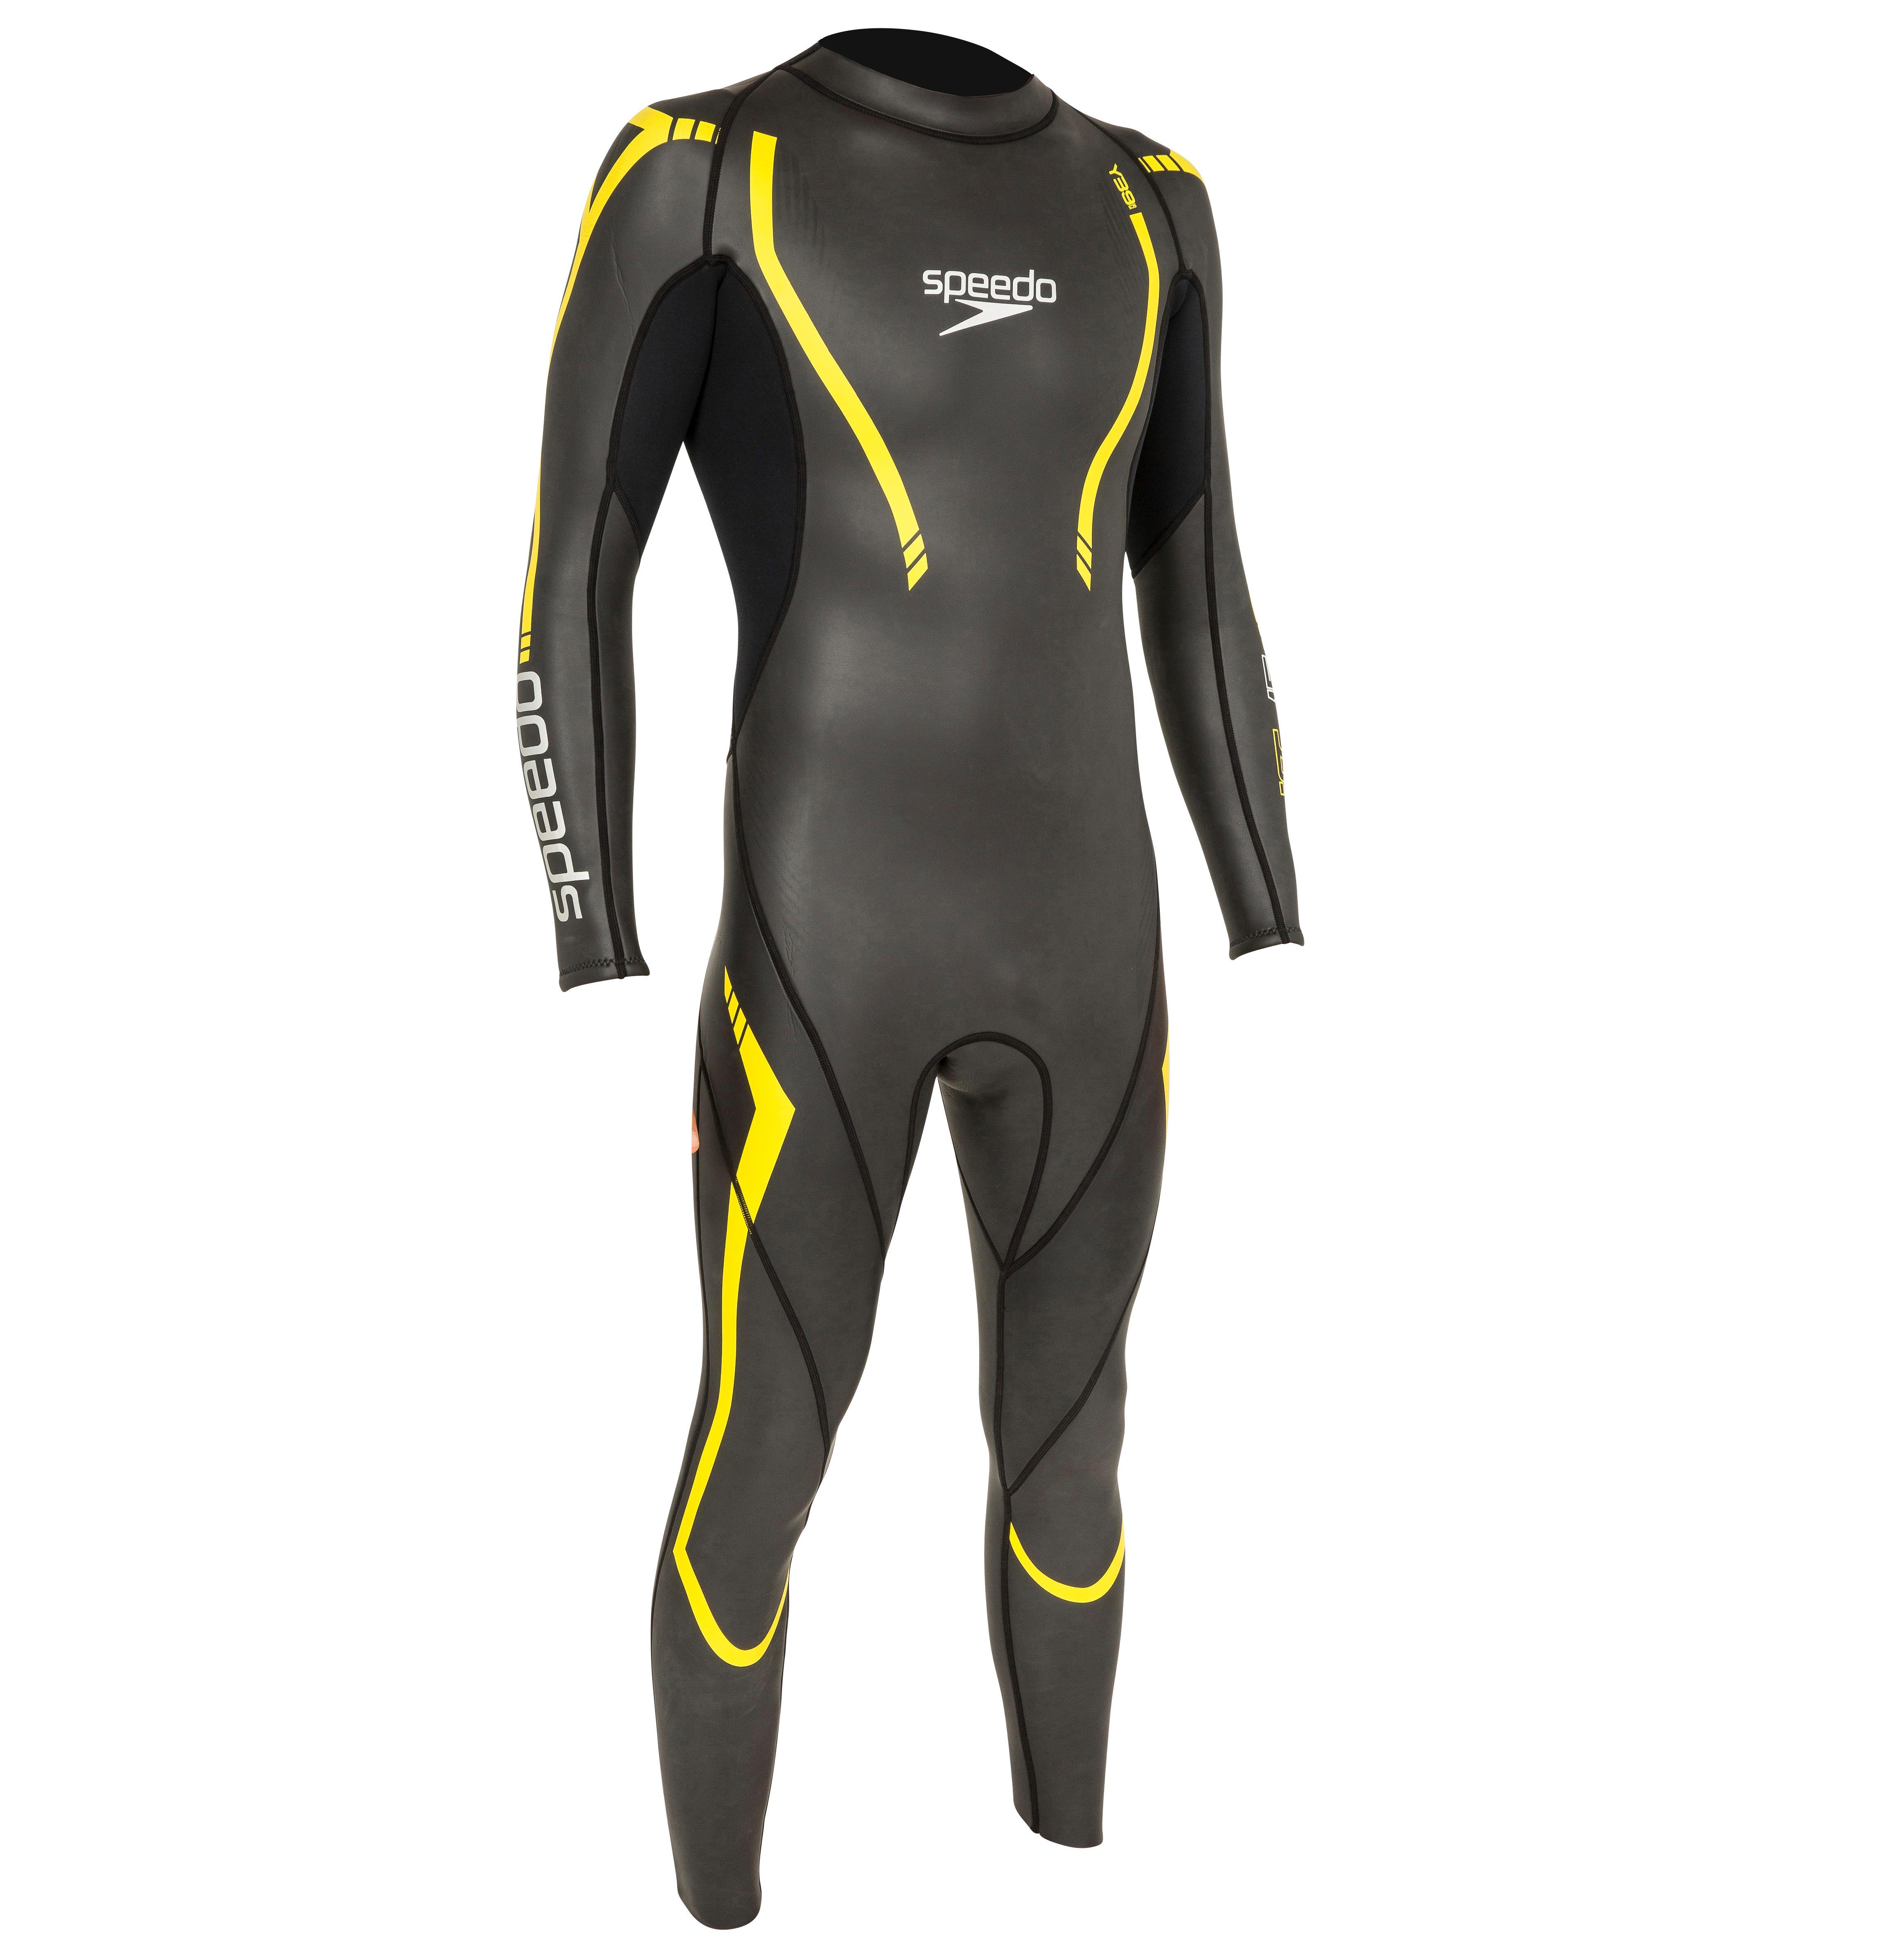 Zwempak Thinswim 2.0 blauw-geel Speedo